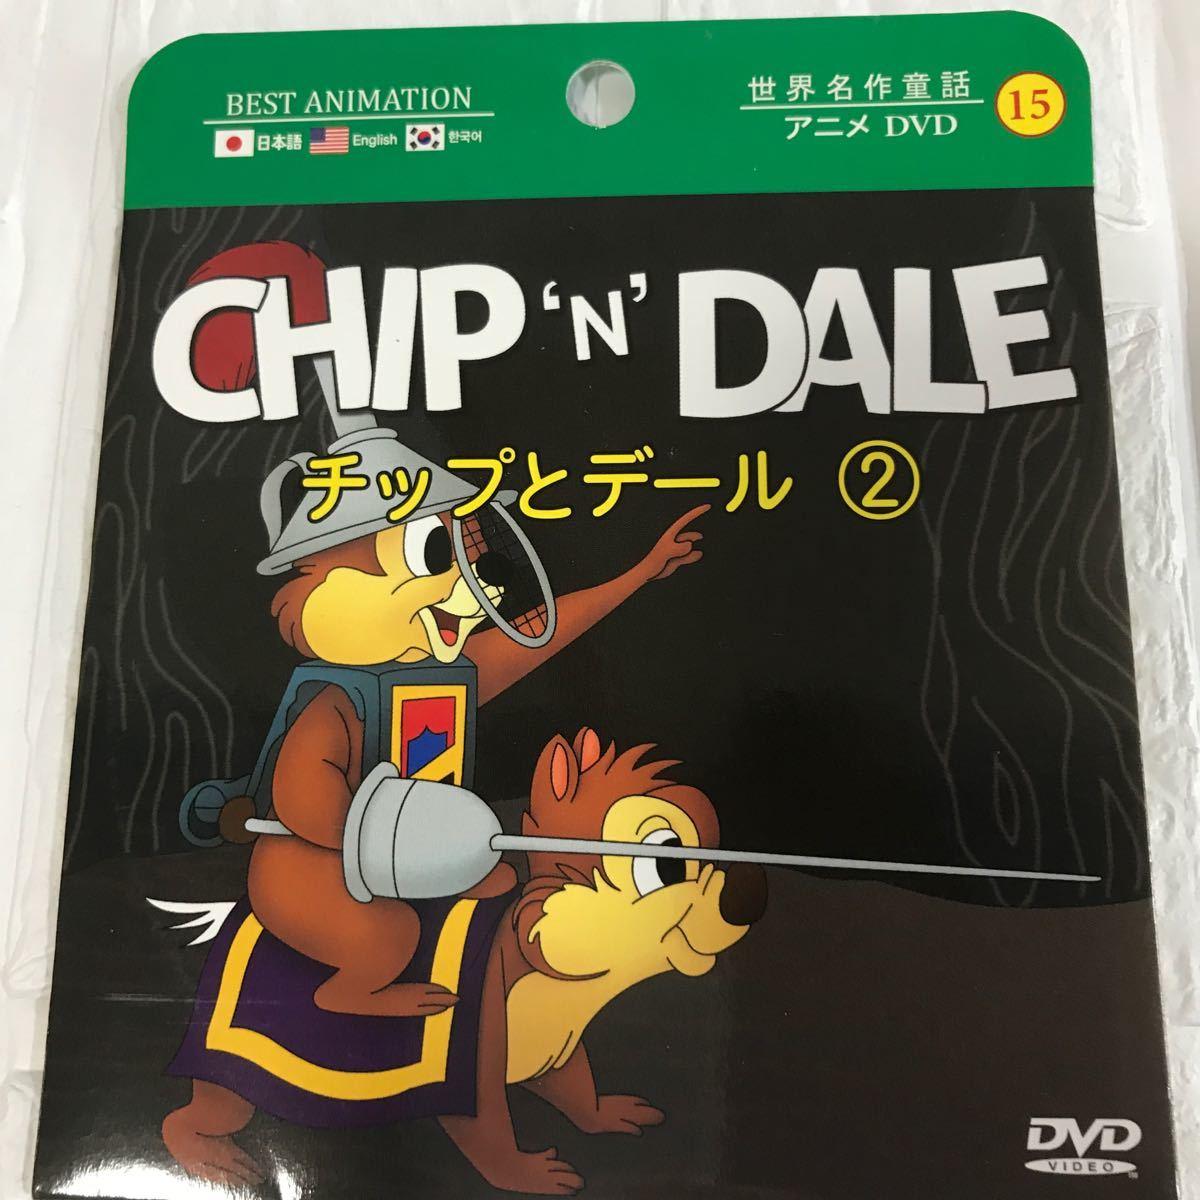 ディズニーDVD7枚セット